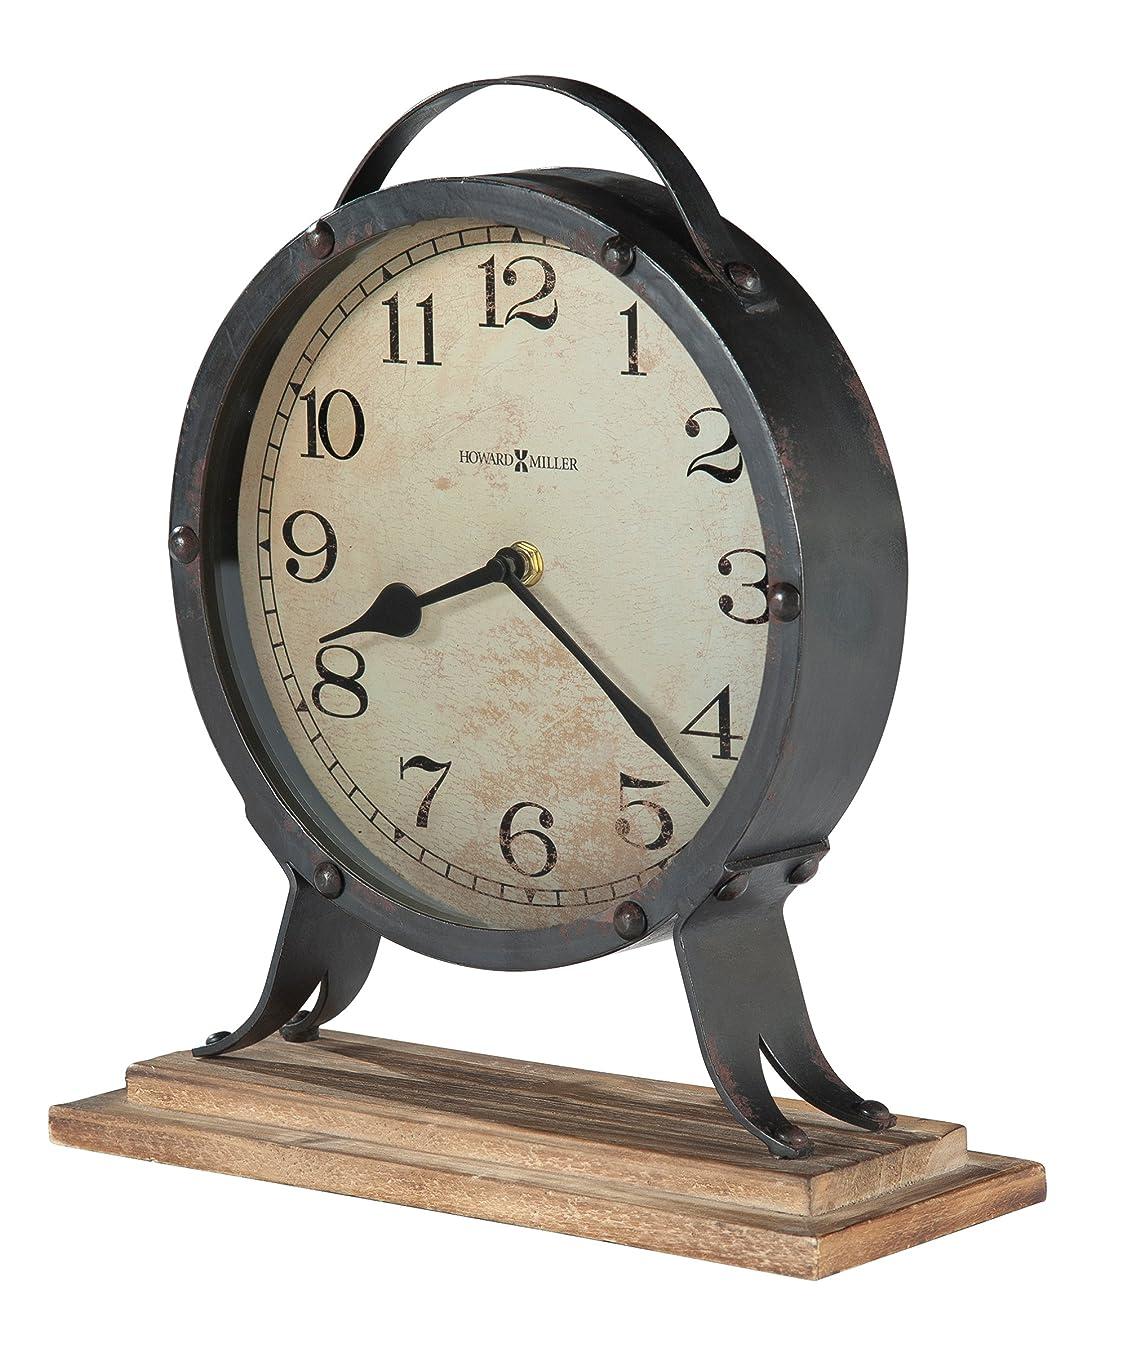 Howard Miller 635197 GRAVELYN Mantle Clock, Special Reserve